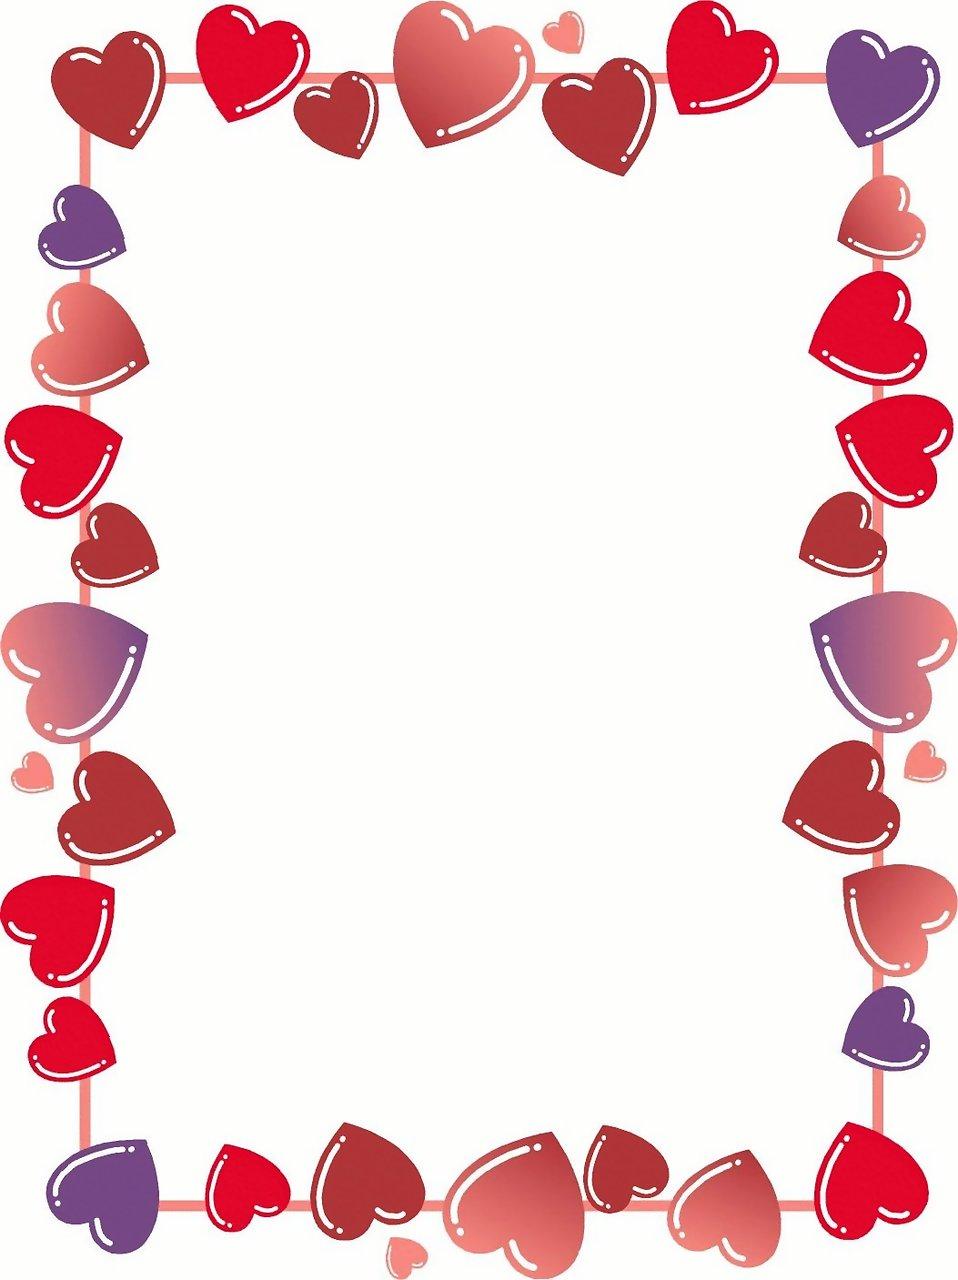 hearts free stock photo